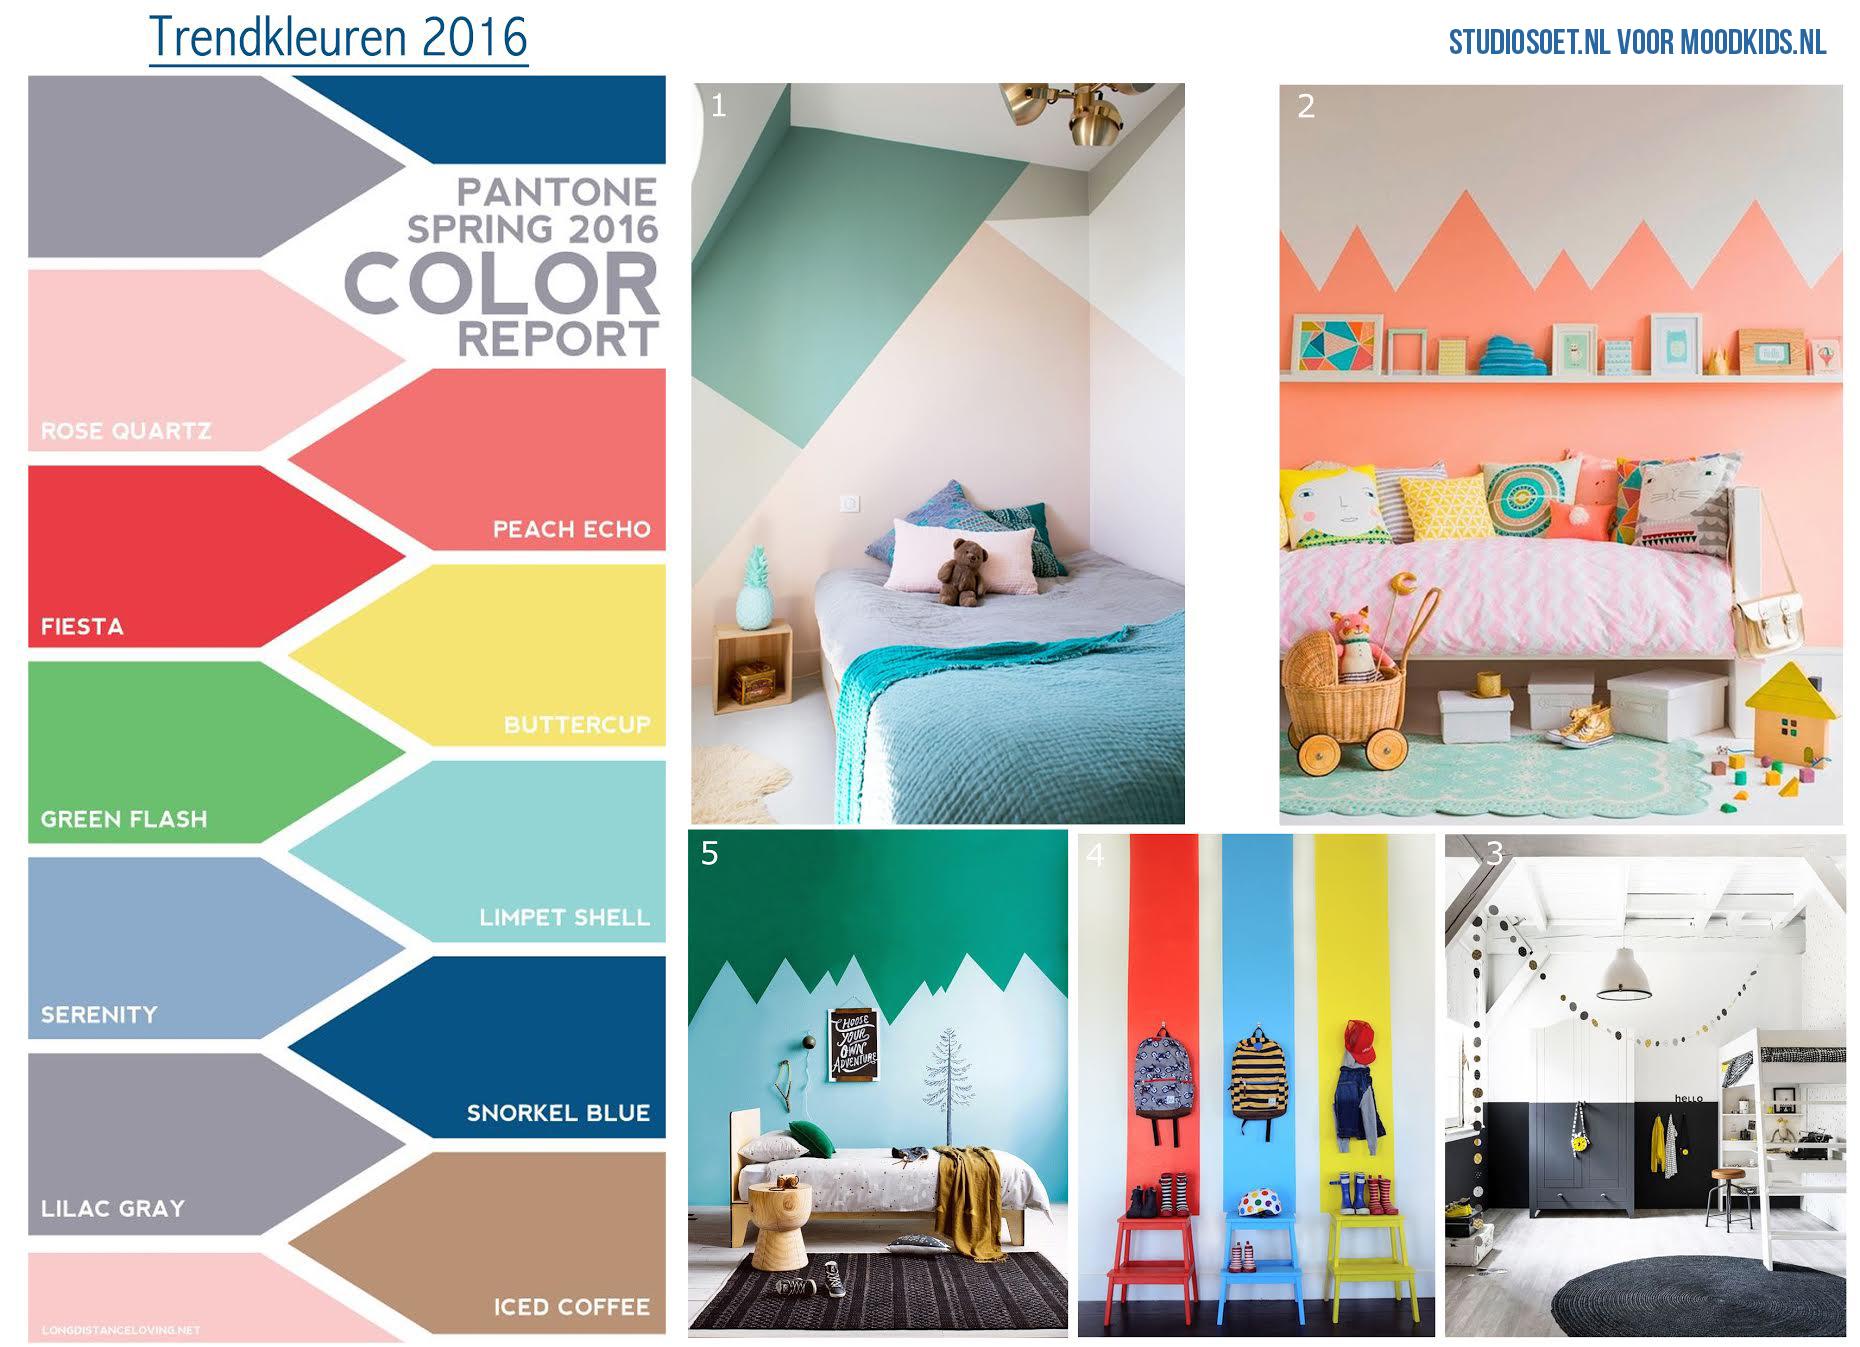 Verf inspiratie kinderkamer en de trendkleuren van 2016 moodkids for Kleur kinderkamer